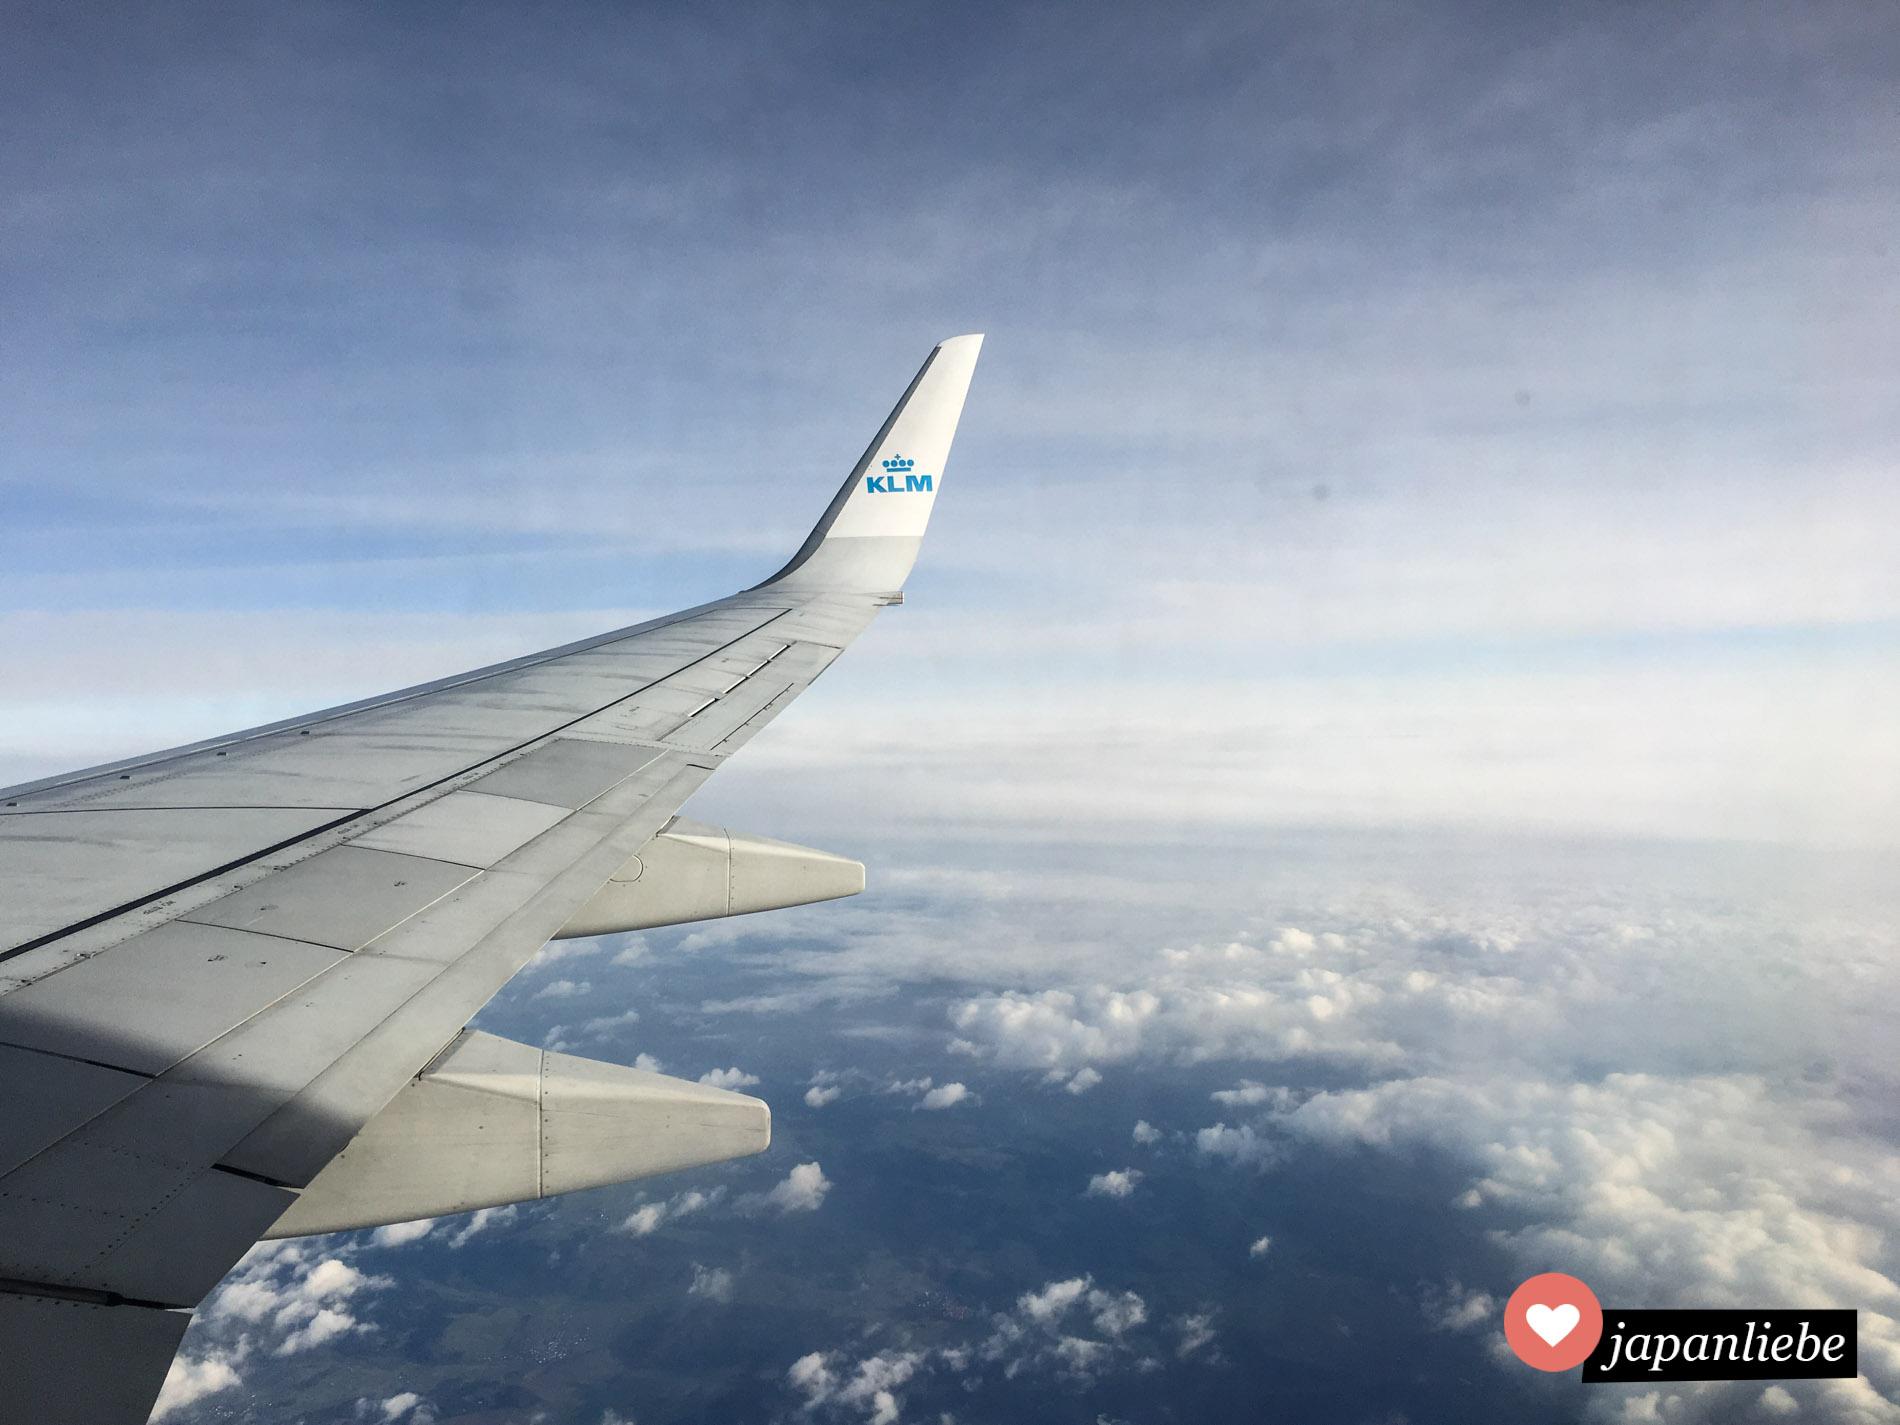 Meine Lieblingsfluggesellschaft wegen dem netten Service: KLM.